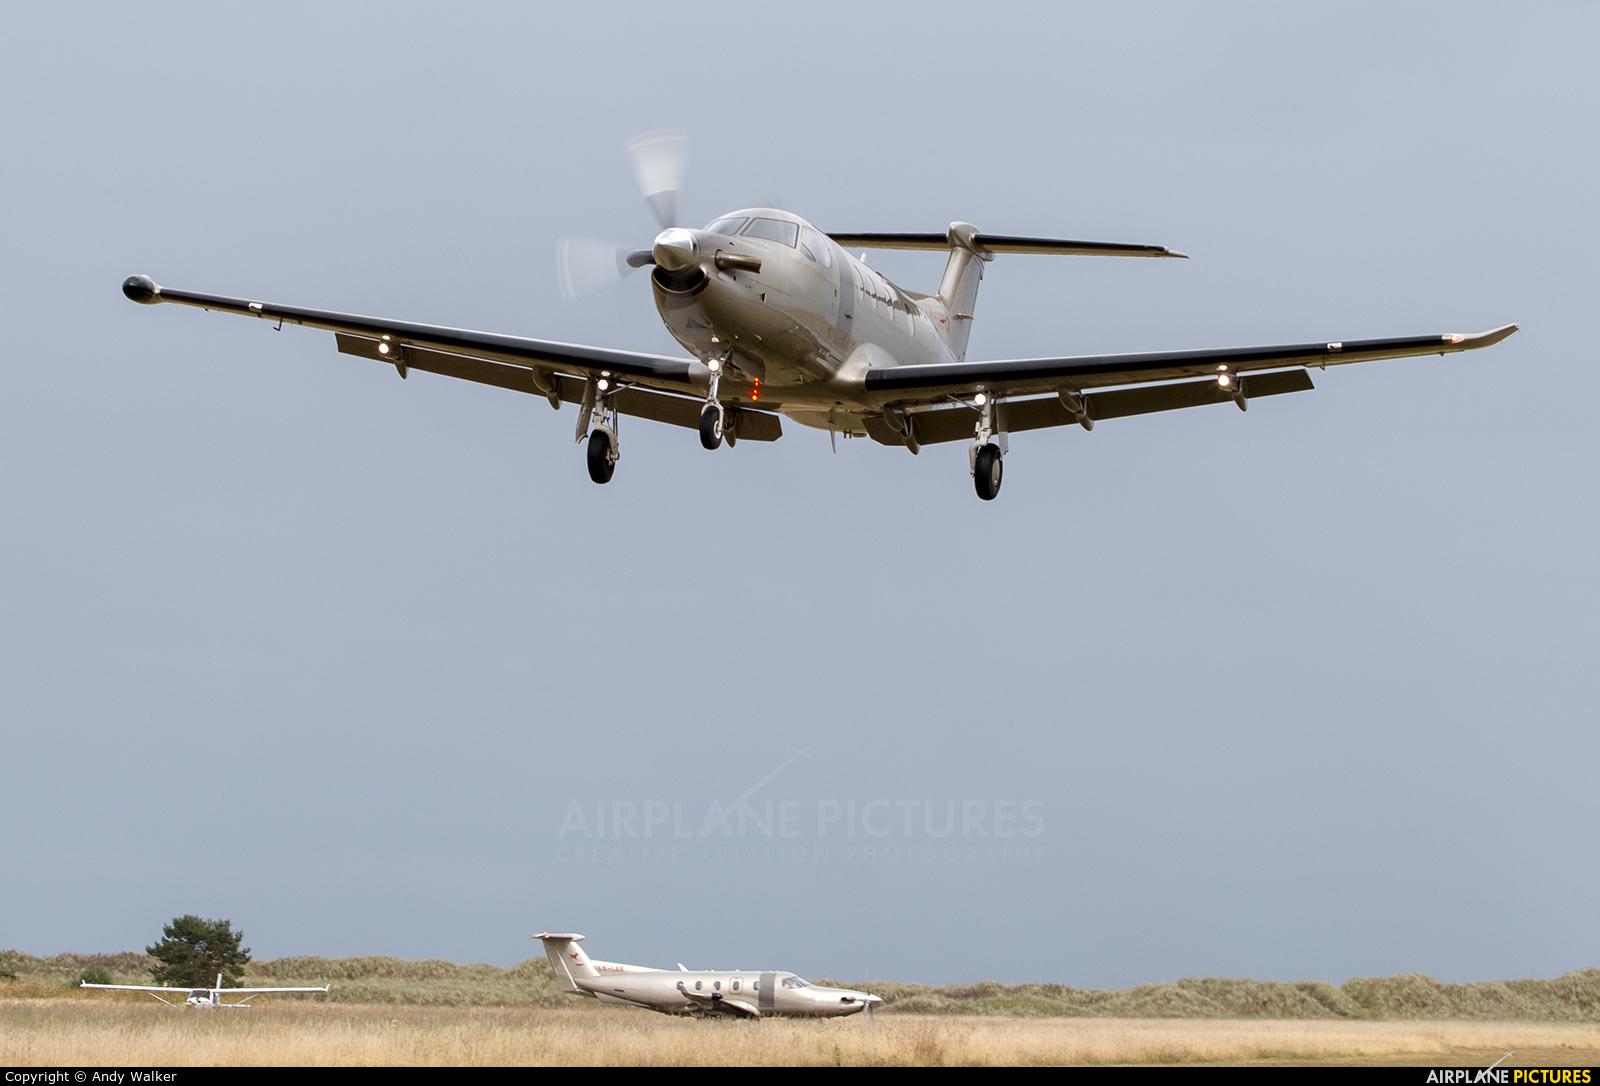 Jetfly Aviation LX-JFQ aircraft at Dornoch